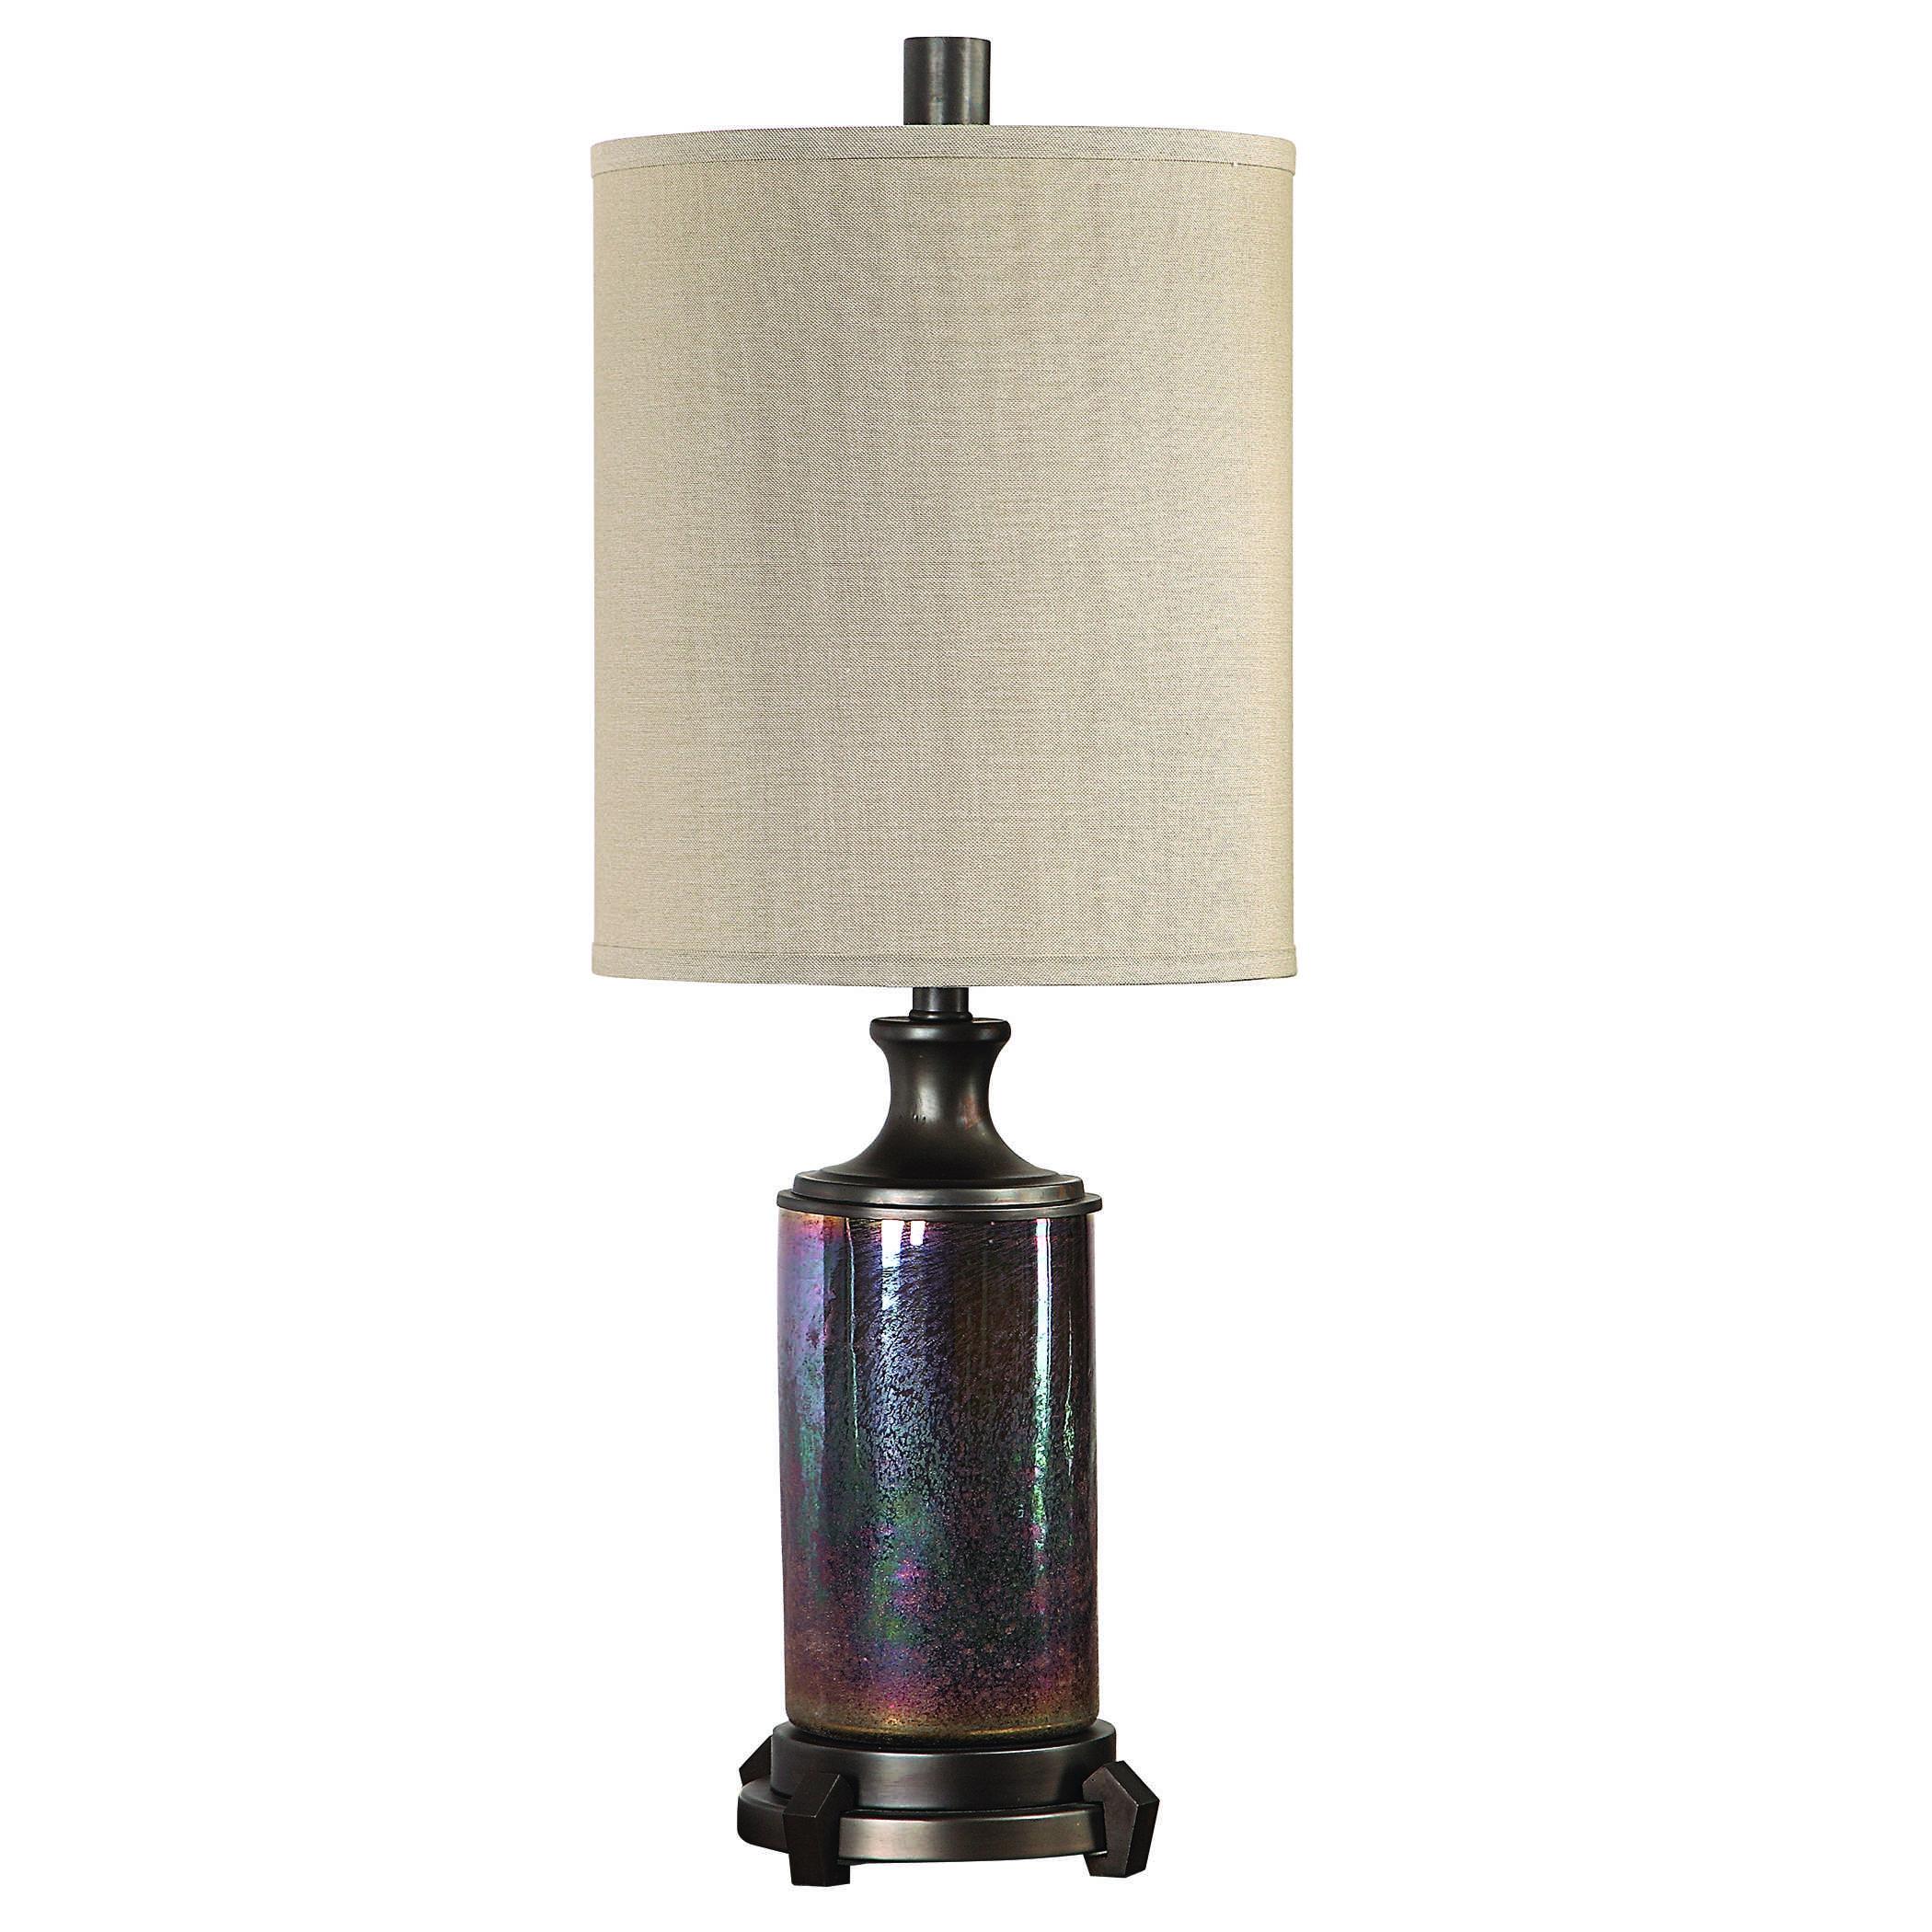 Raeborne Buffet Lamp Revelation By Uttermost